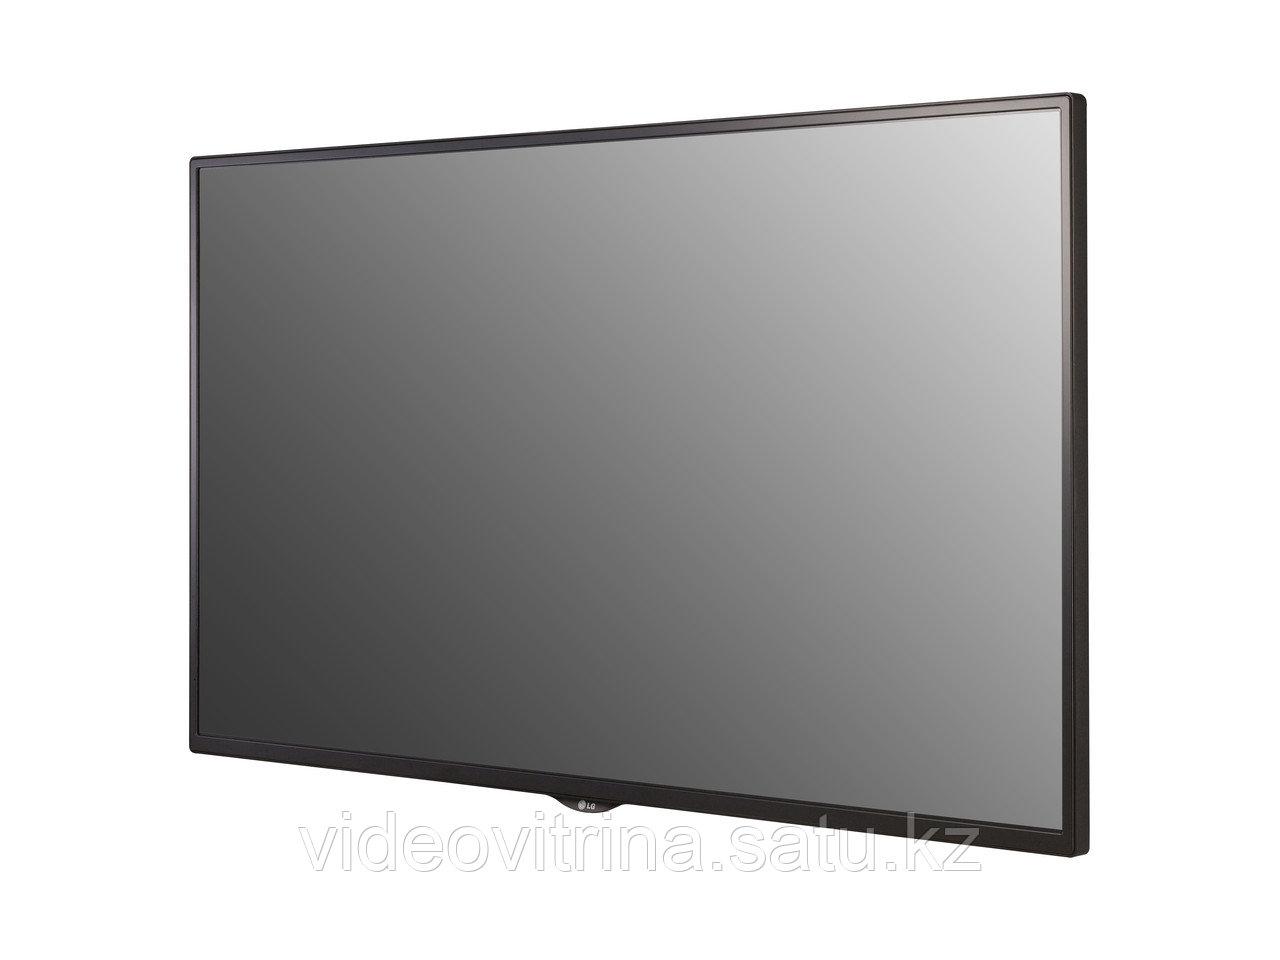 LG 43SE3B, отдельностоящий рекламный, Яркость: 350 кд/м2, 18/7, Wi-Fi ready - фото 3